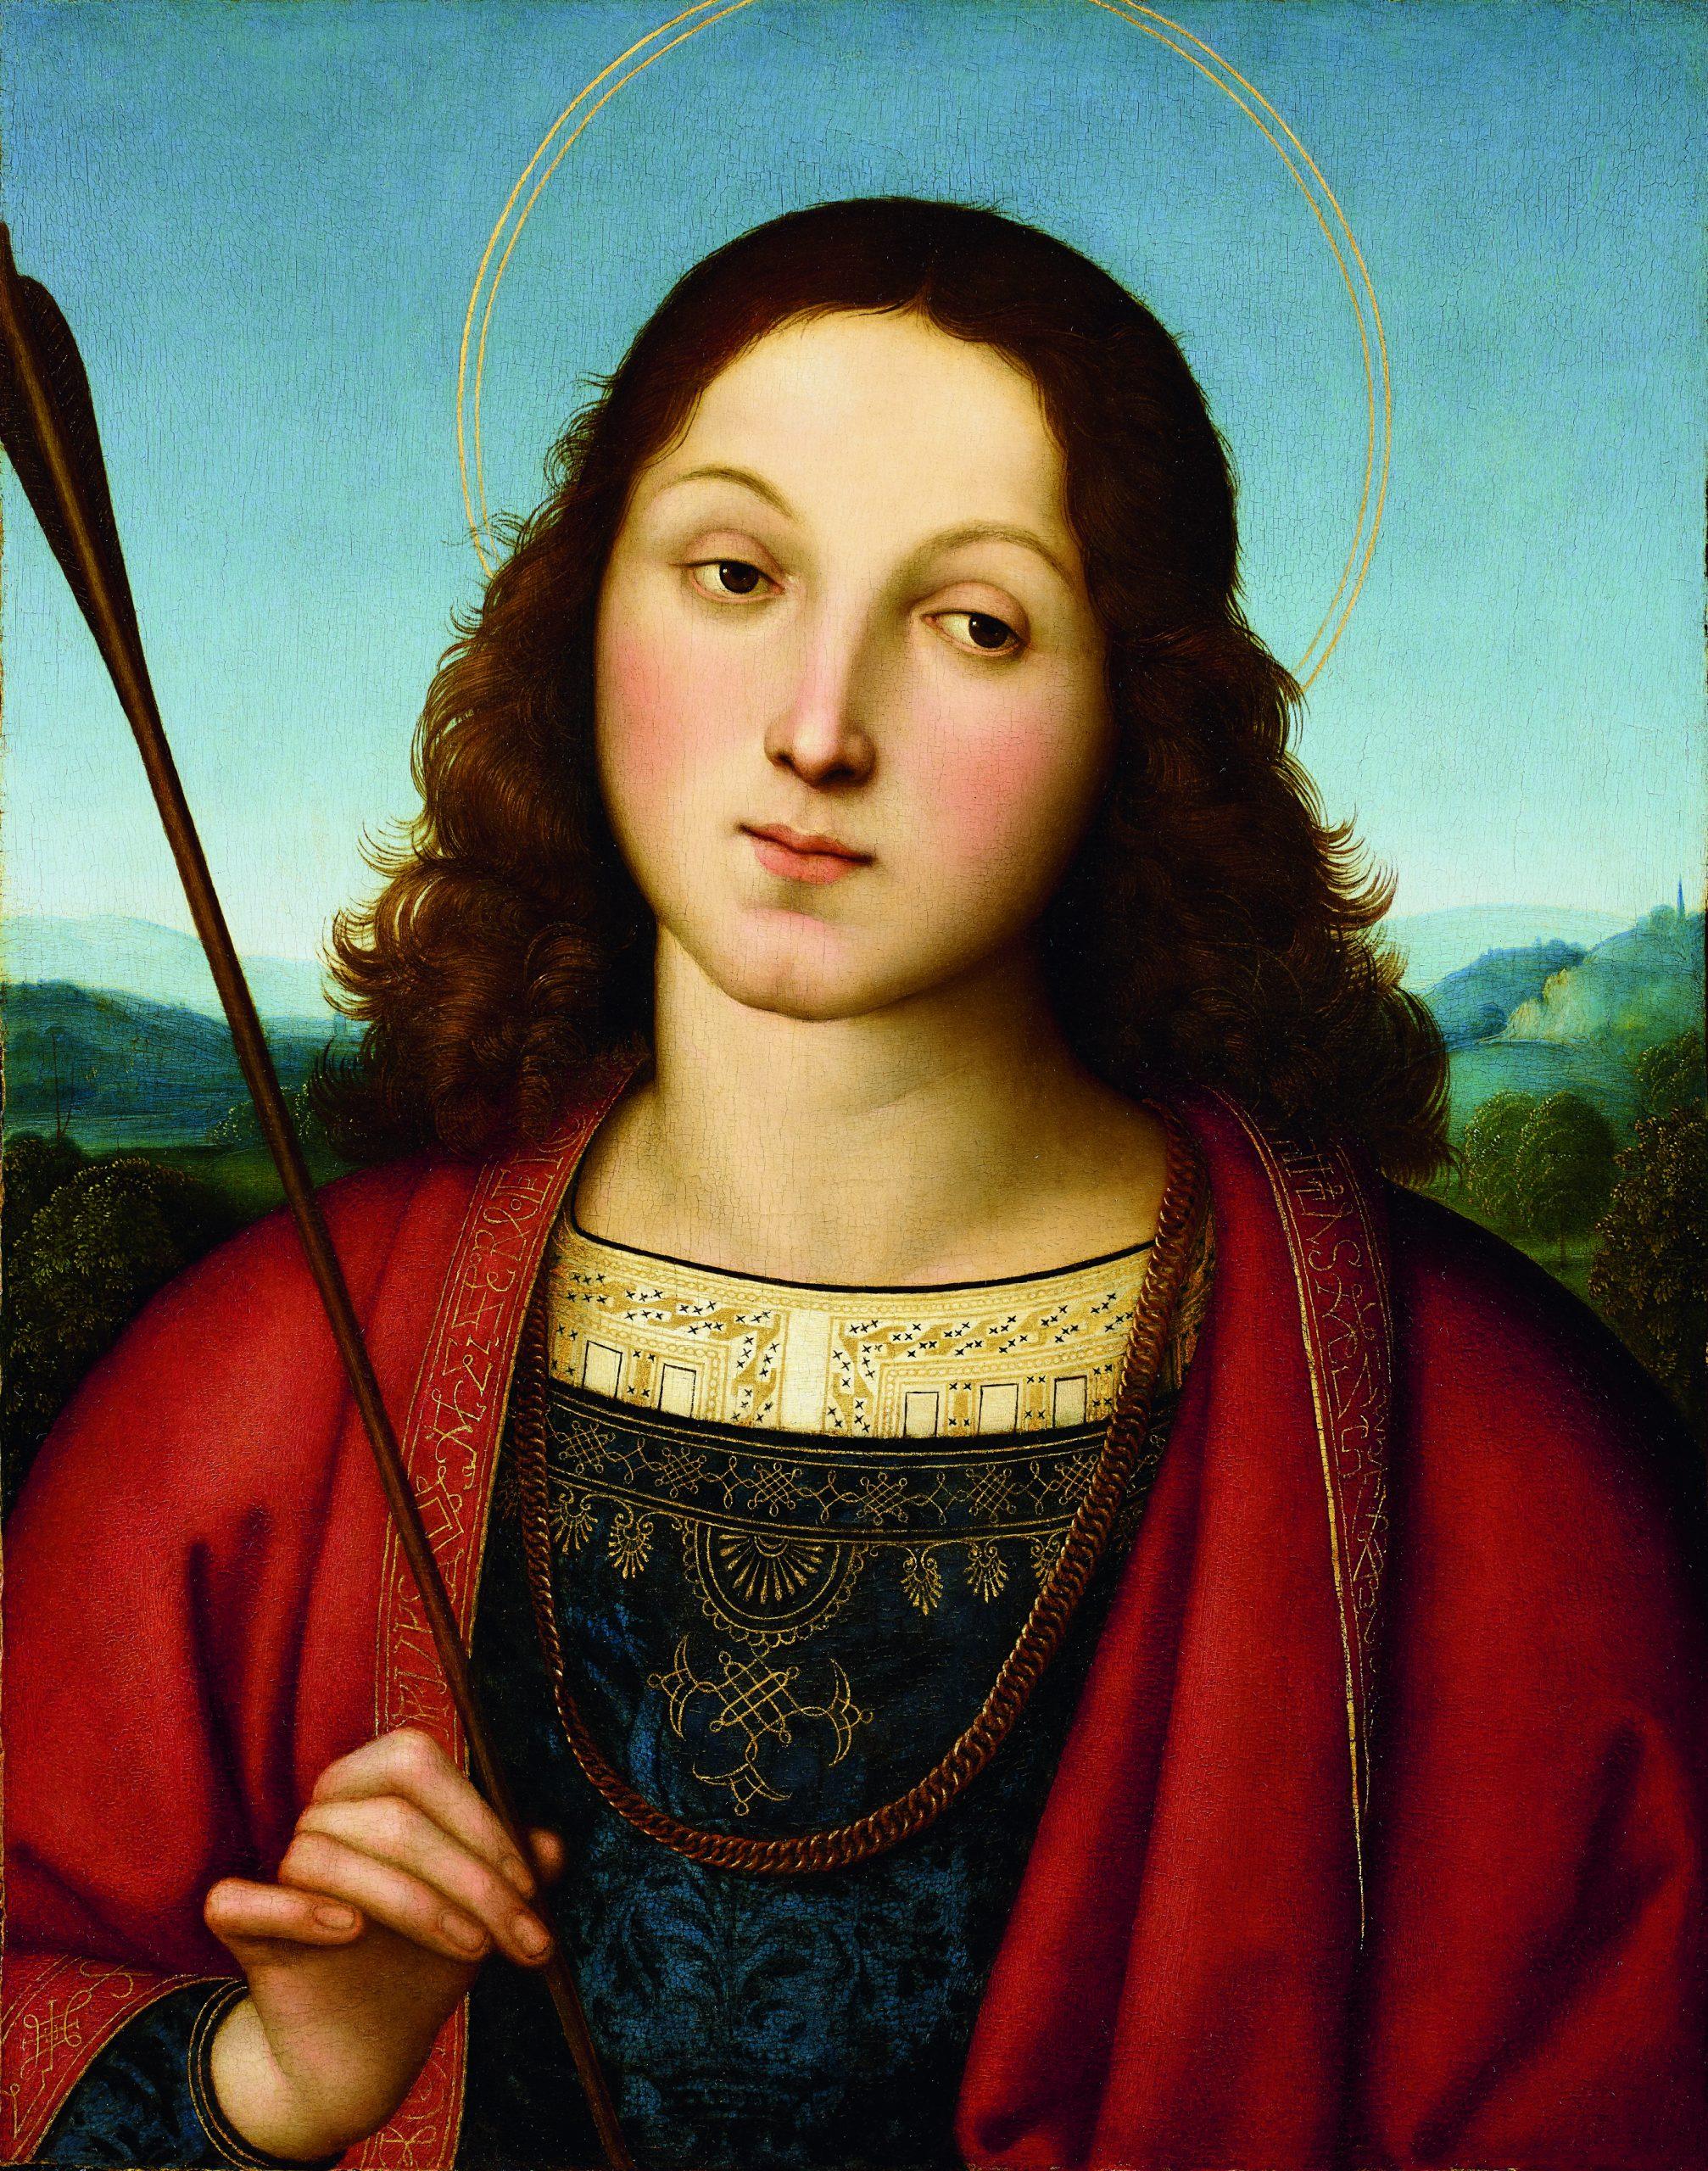 Raffaello Sanzio, San Sebastiano, 1502 circa, Olio su tavola, cm. 45,5x36,1 eredità di Guglielmo Lochis, 1859 – 1866, Accademia Carrara, Bergamo (Italy)